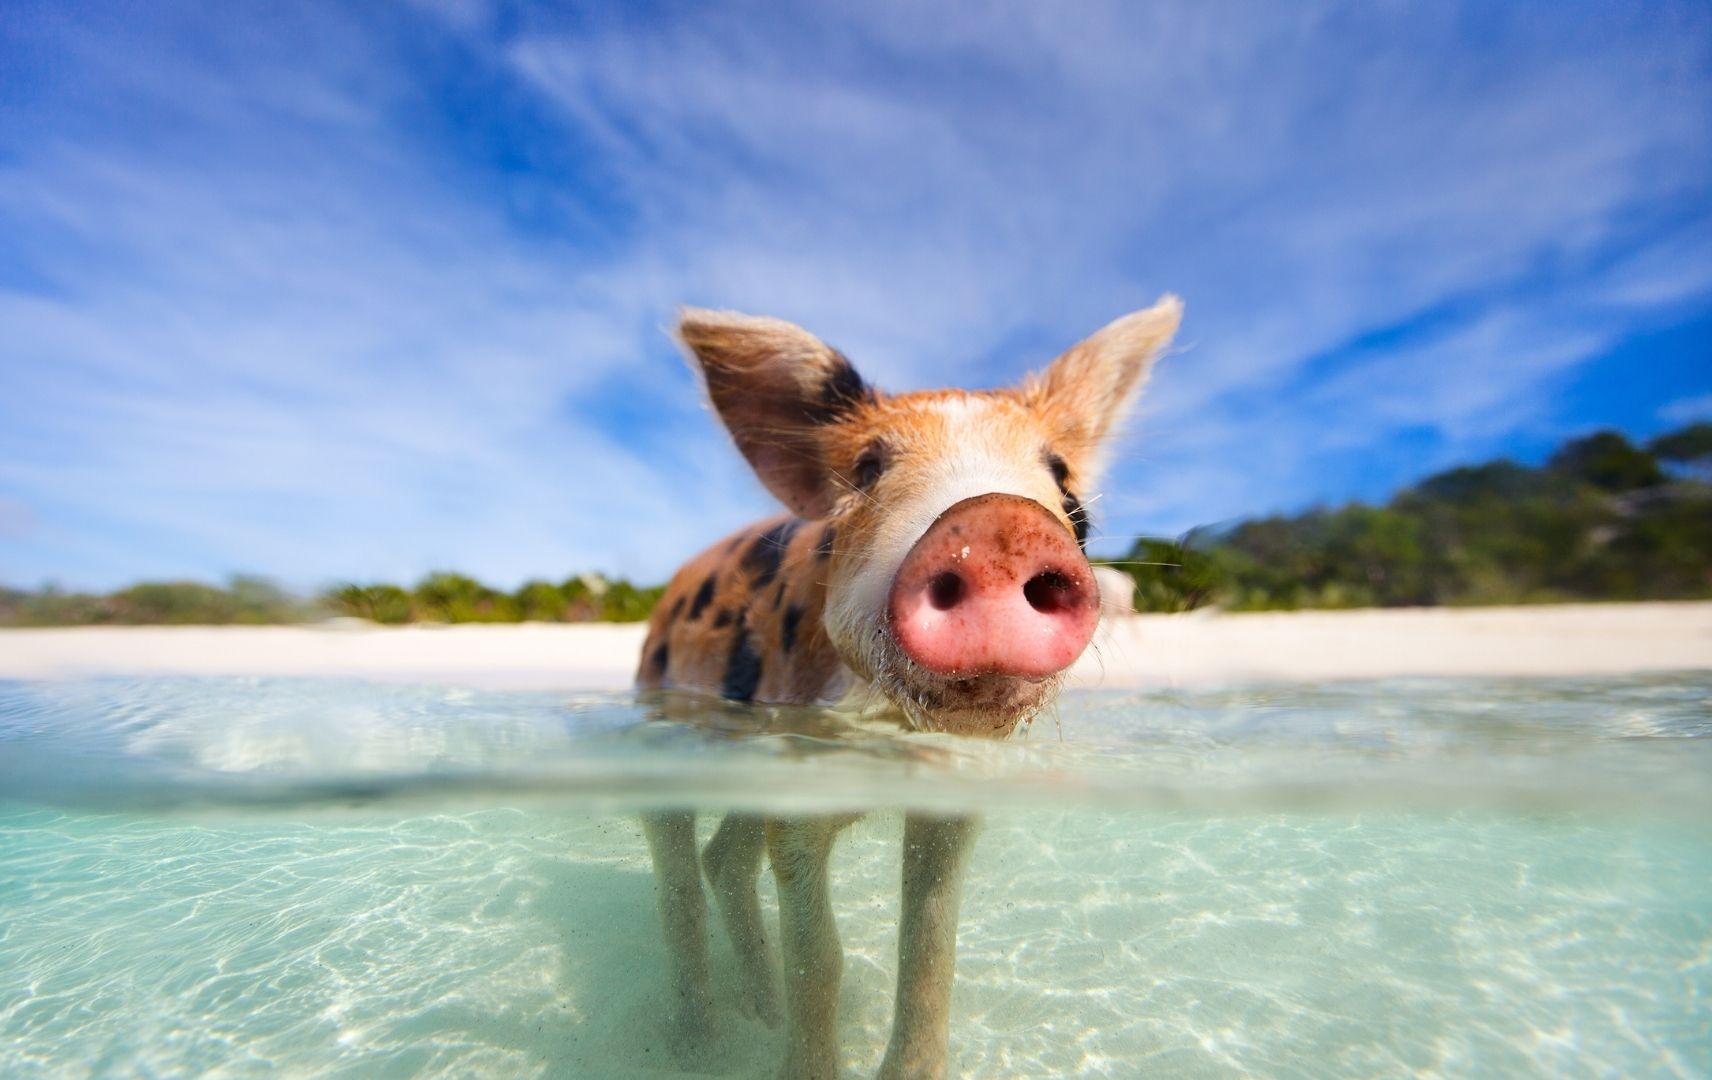 Schwimmendes Schwein im Meer, Bahamas